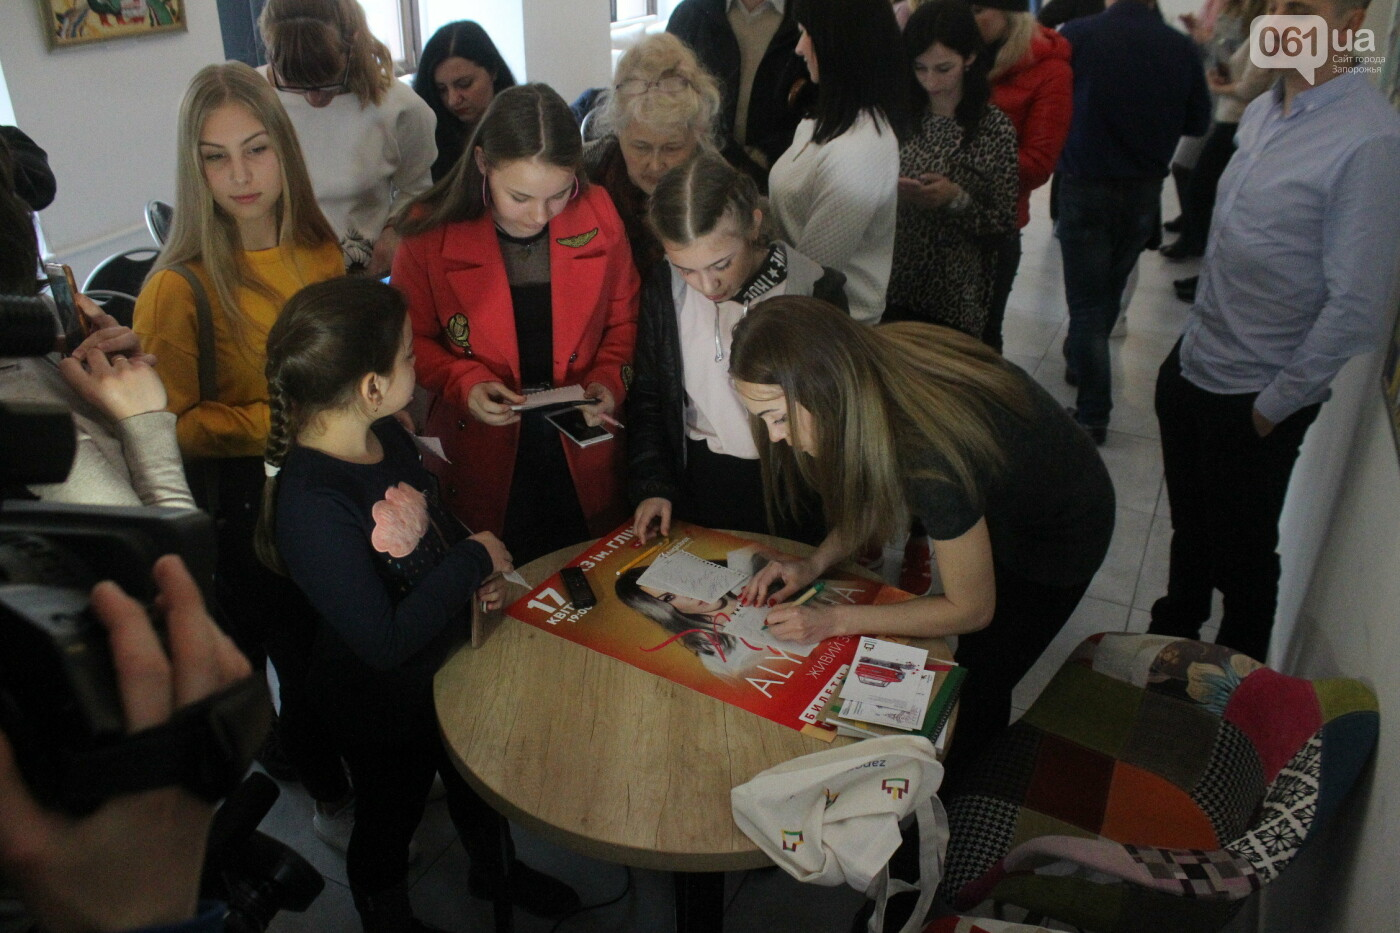 Перед концертом в родном Запорожье певица Alyosha провела автограф-сессию, – ФОТОРЕПОРТАЖ, фото-13